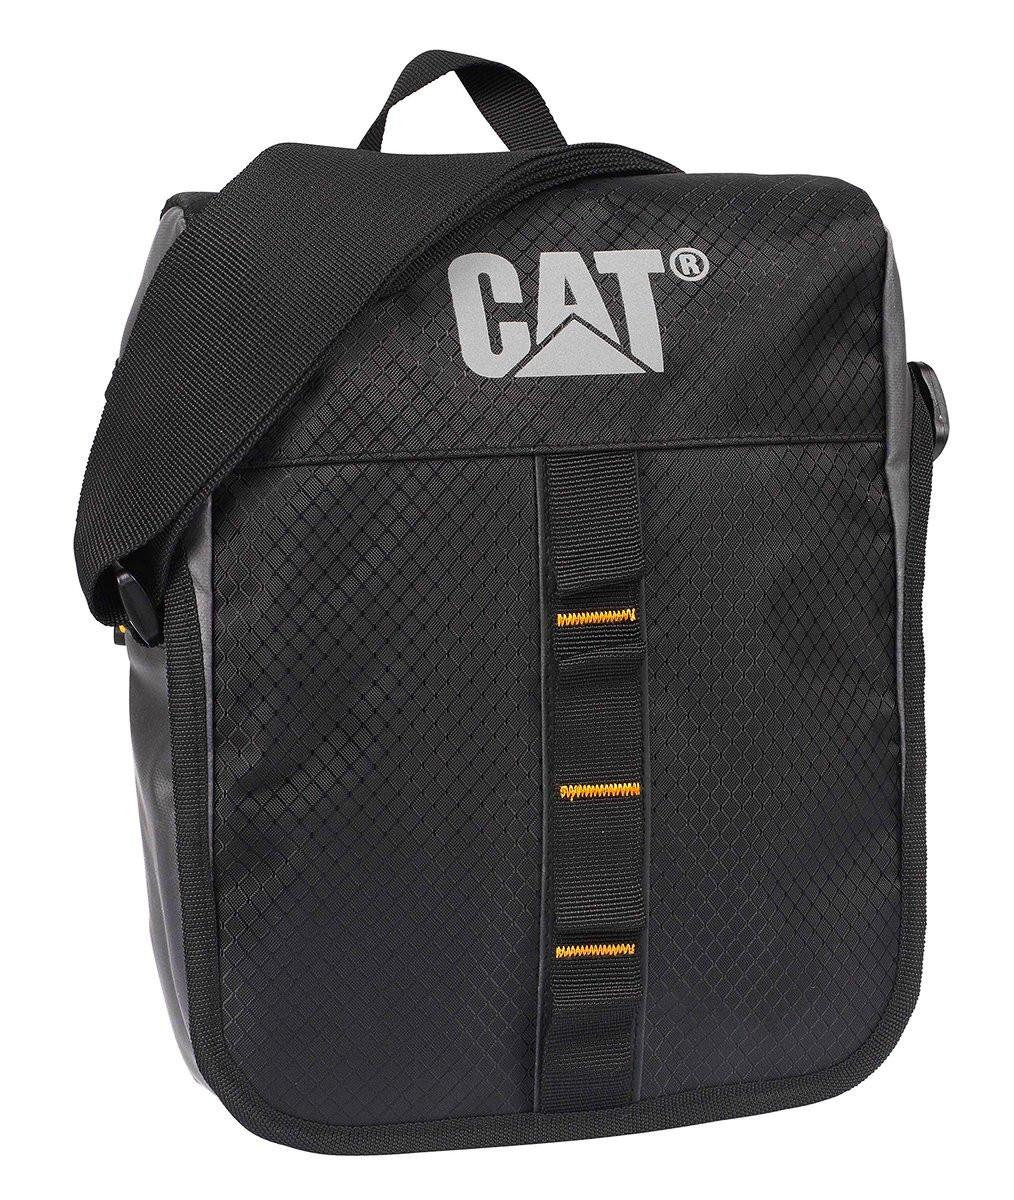 Сумка повсякденна CAT Urban Active 82558;09 Чорний сірий